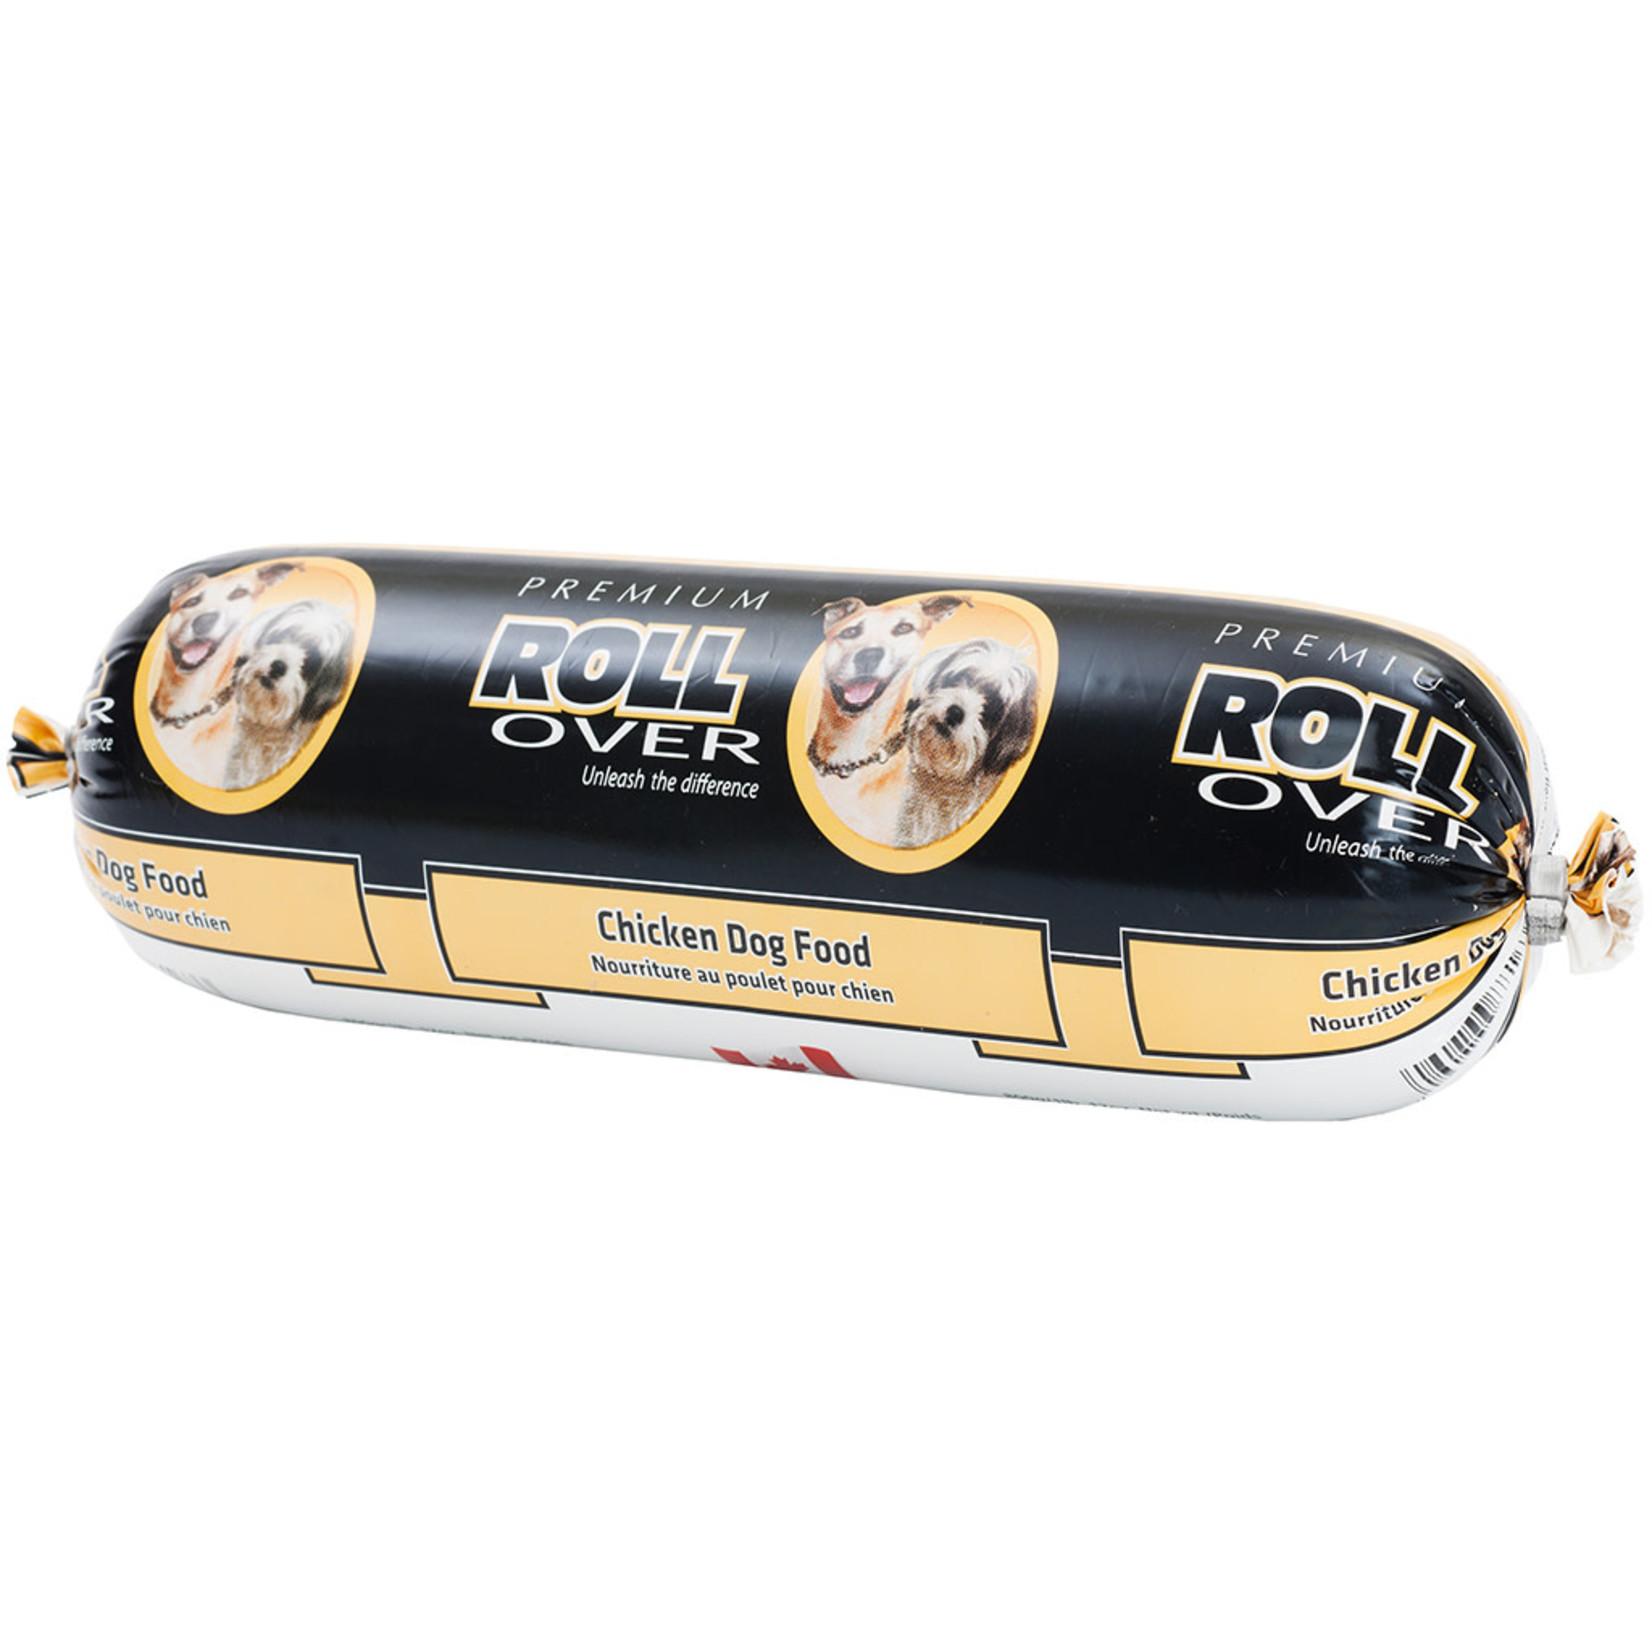 Rollover Premium Chicken Roll 800GM